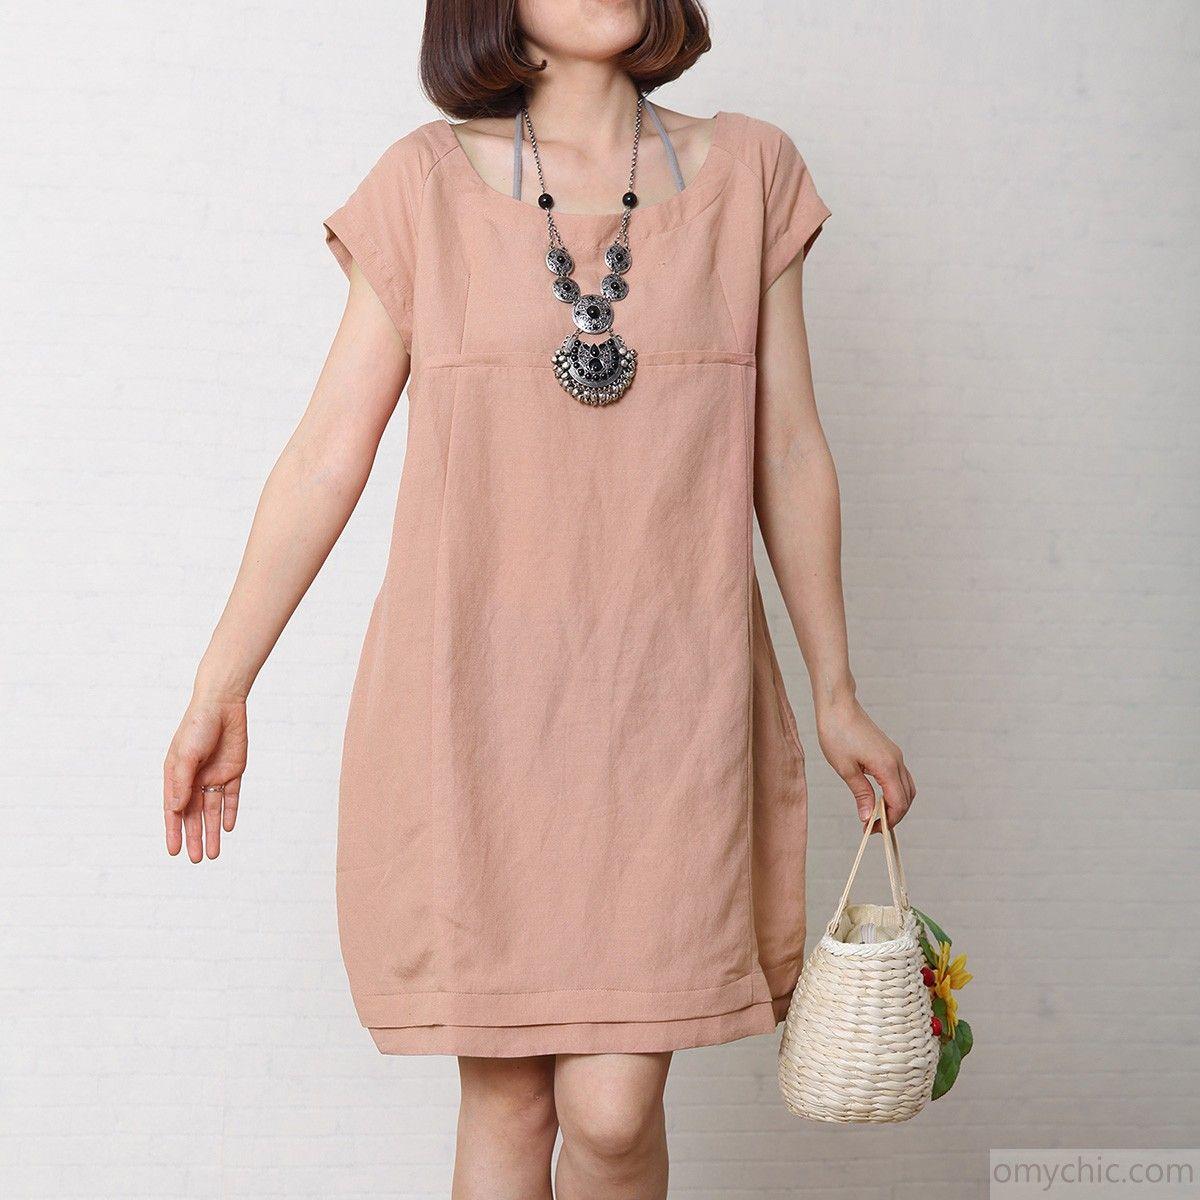 Nude_summer_linen_maternity_dress_oversize_cotton_shift_sundress_pink1_1.jpg